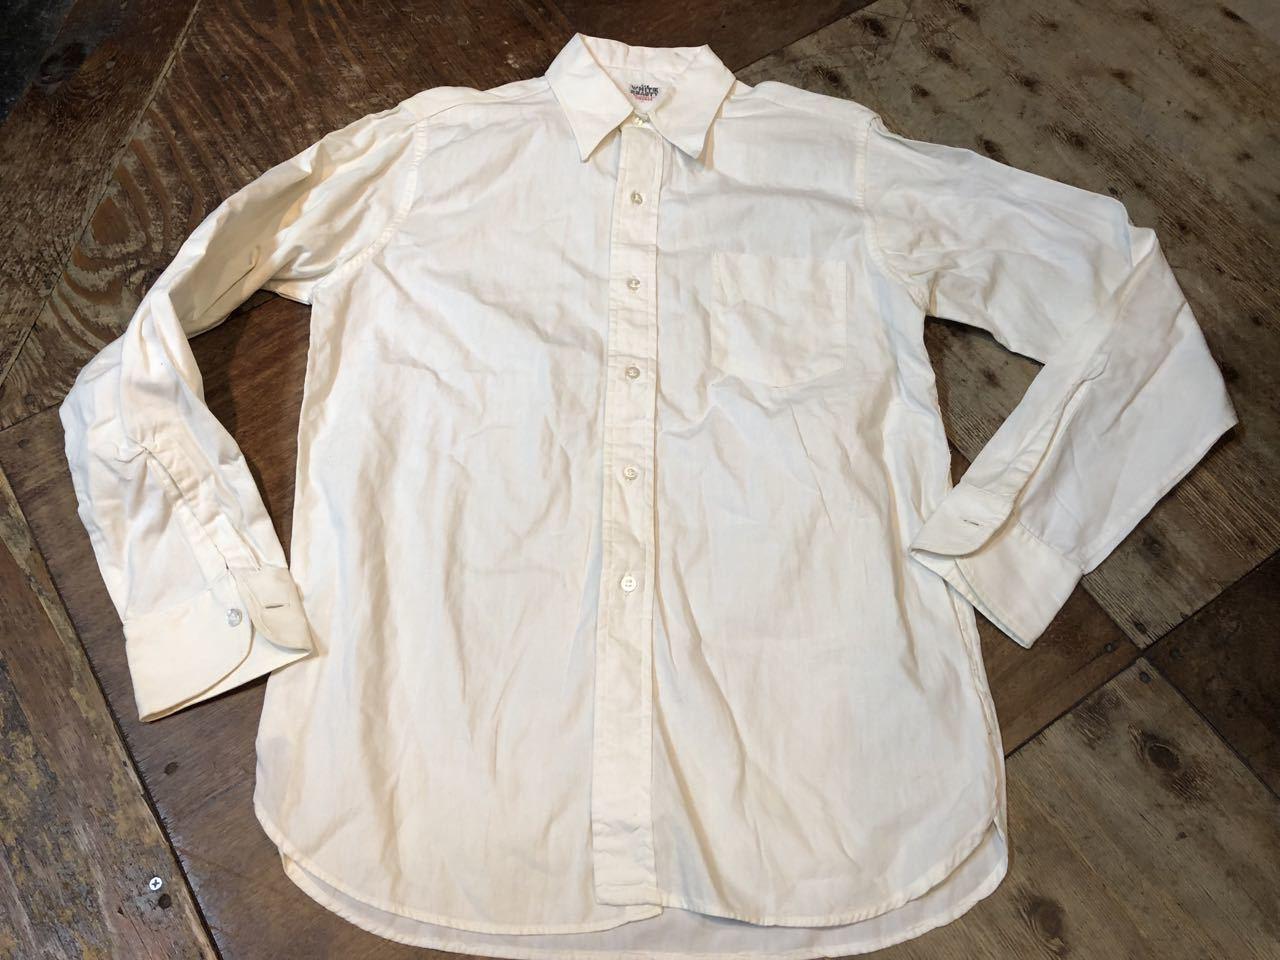 4月30日(火)入荷!40s〜 all cotton マチ付き ブロードクロス シャツ!_c0144020_19334031.jpg